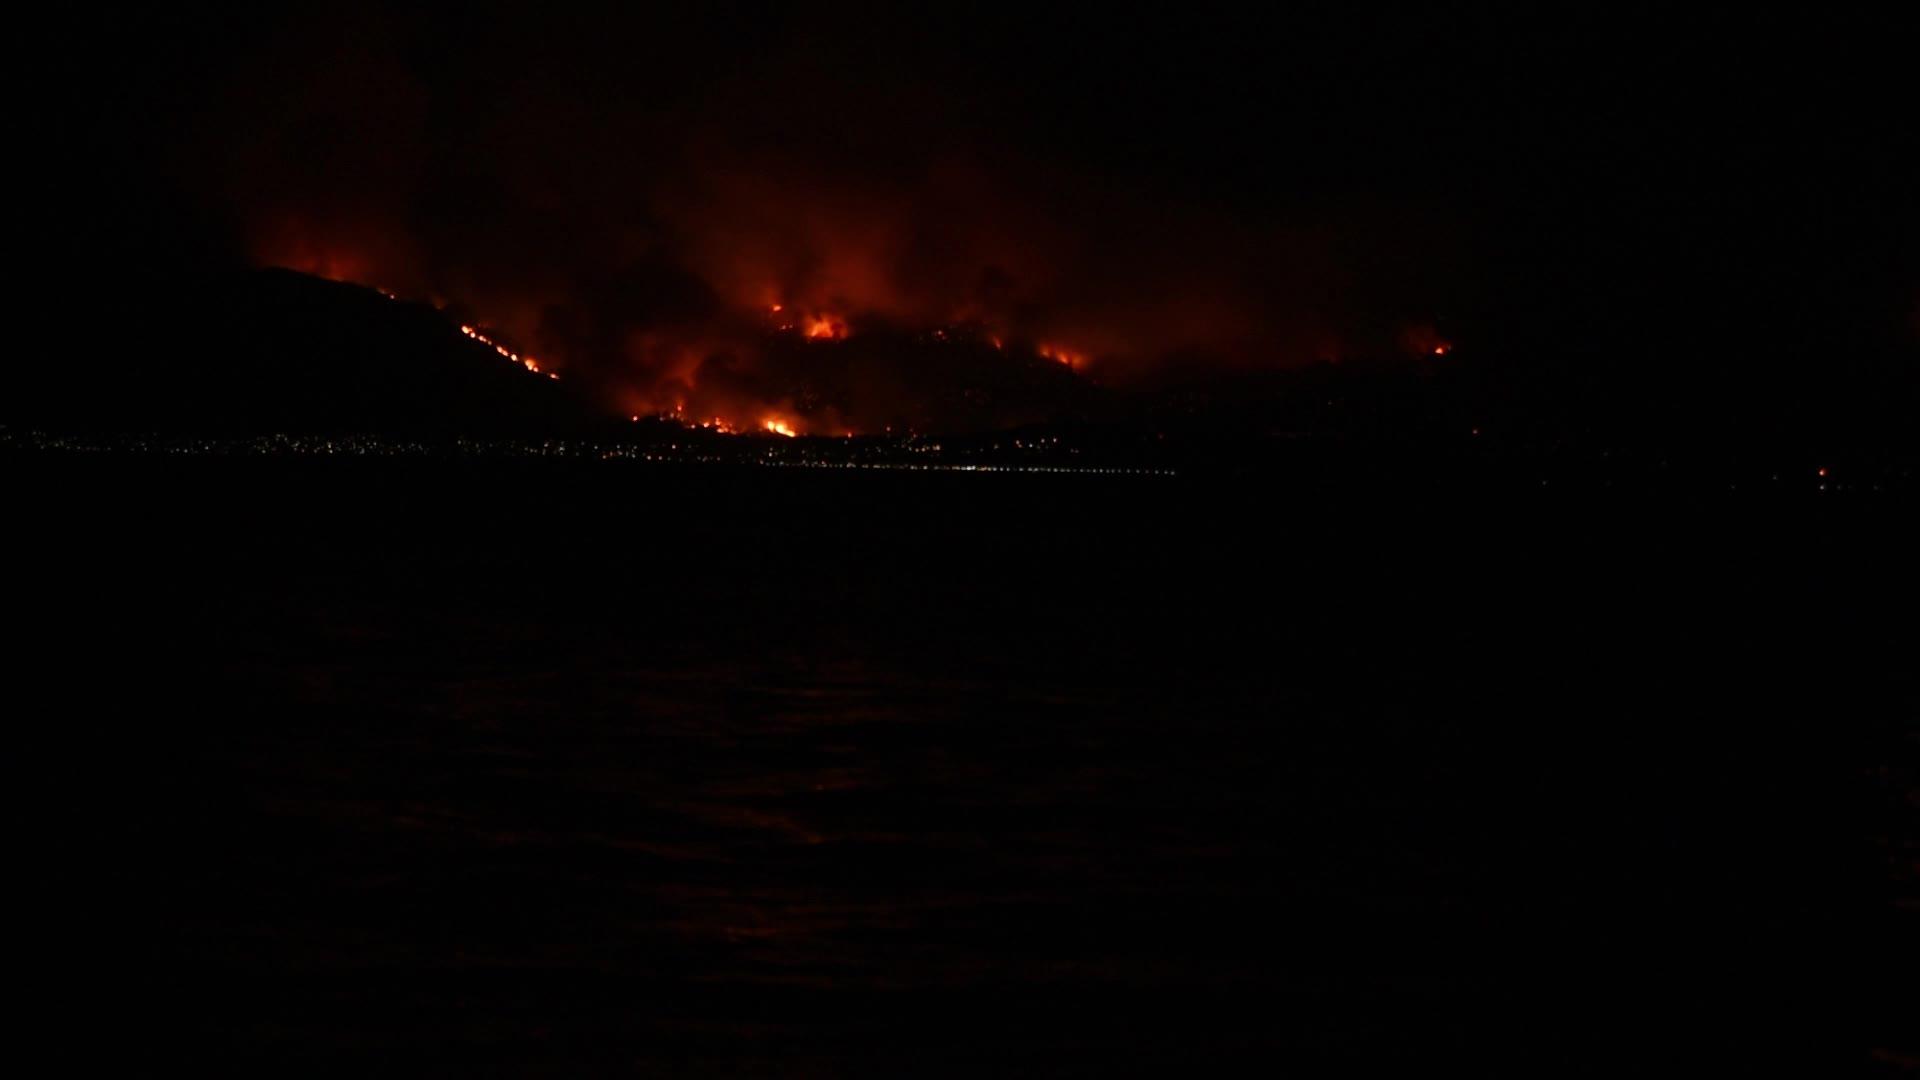 Massive wildfire burning in Kalamos Attika